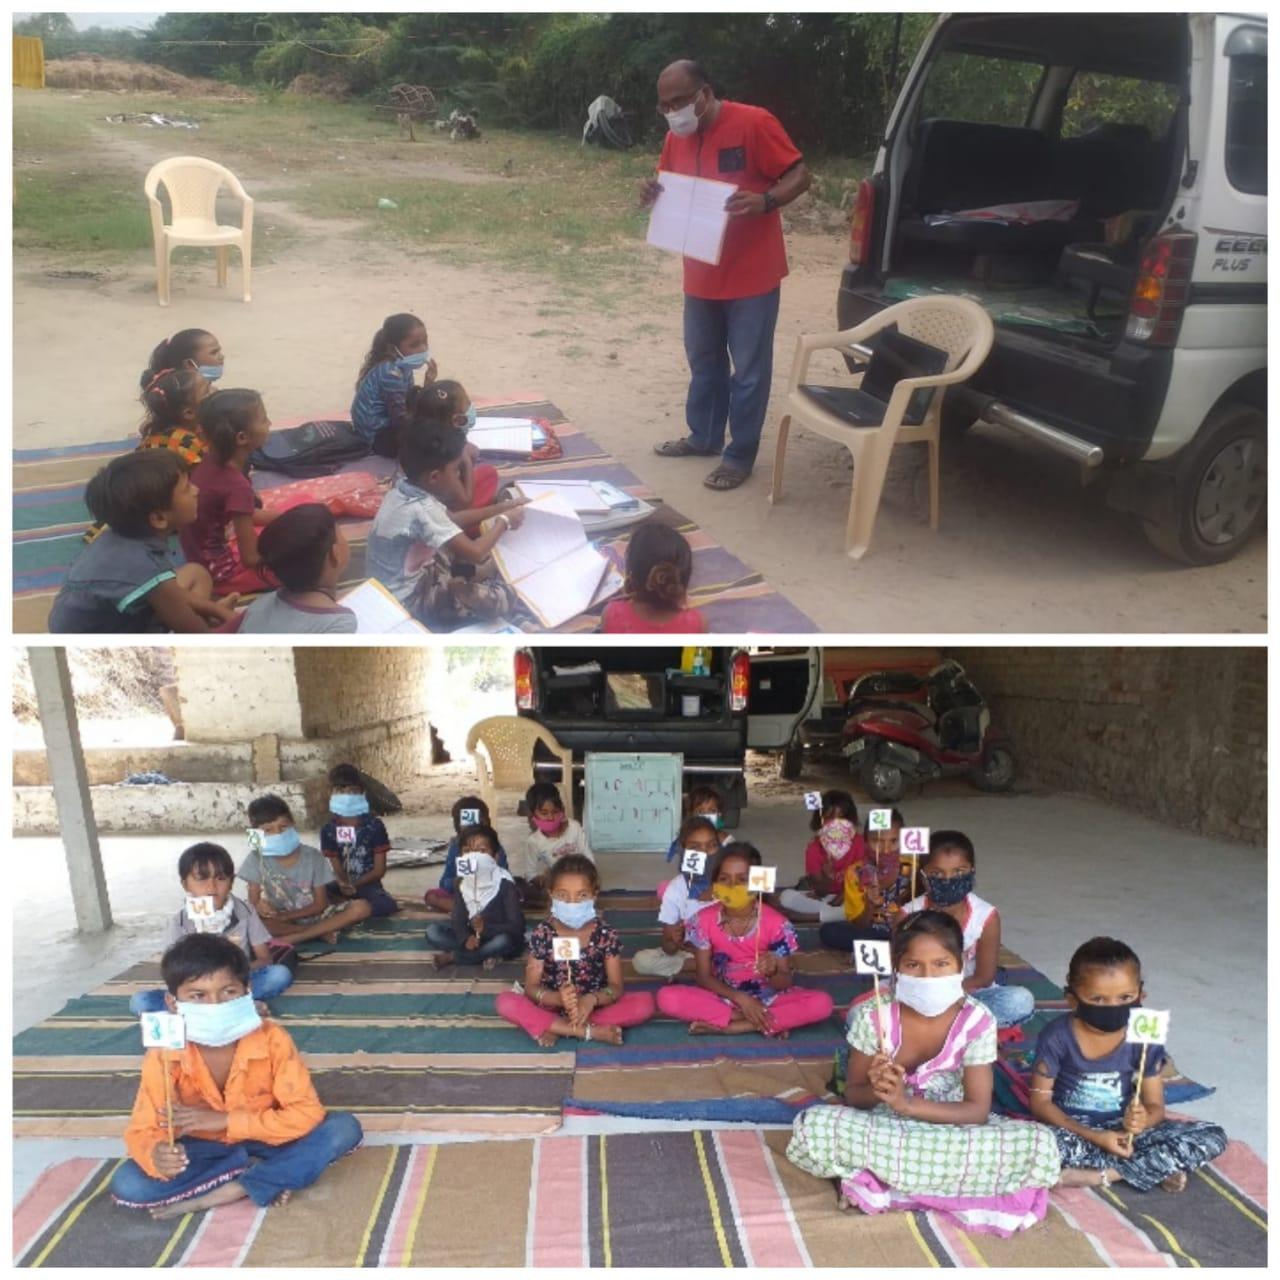 વિદ્યાર્થીઓને ભણાવતા જેતાપુર ગામના શિક્ષક જયંત સથવારા.